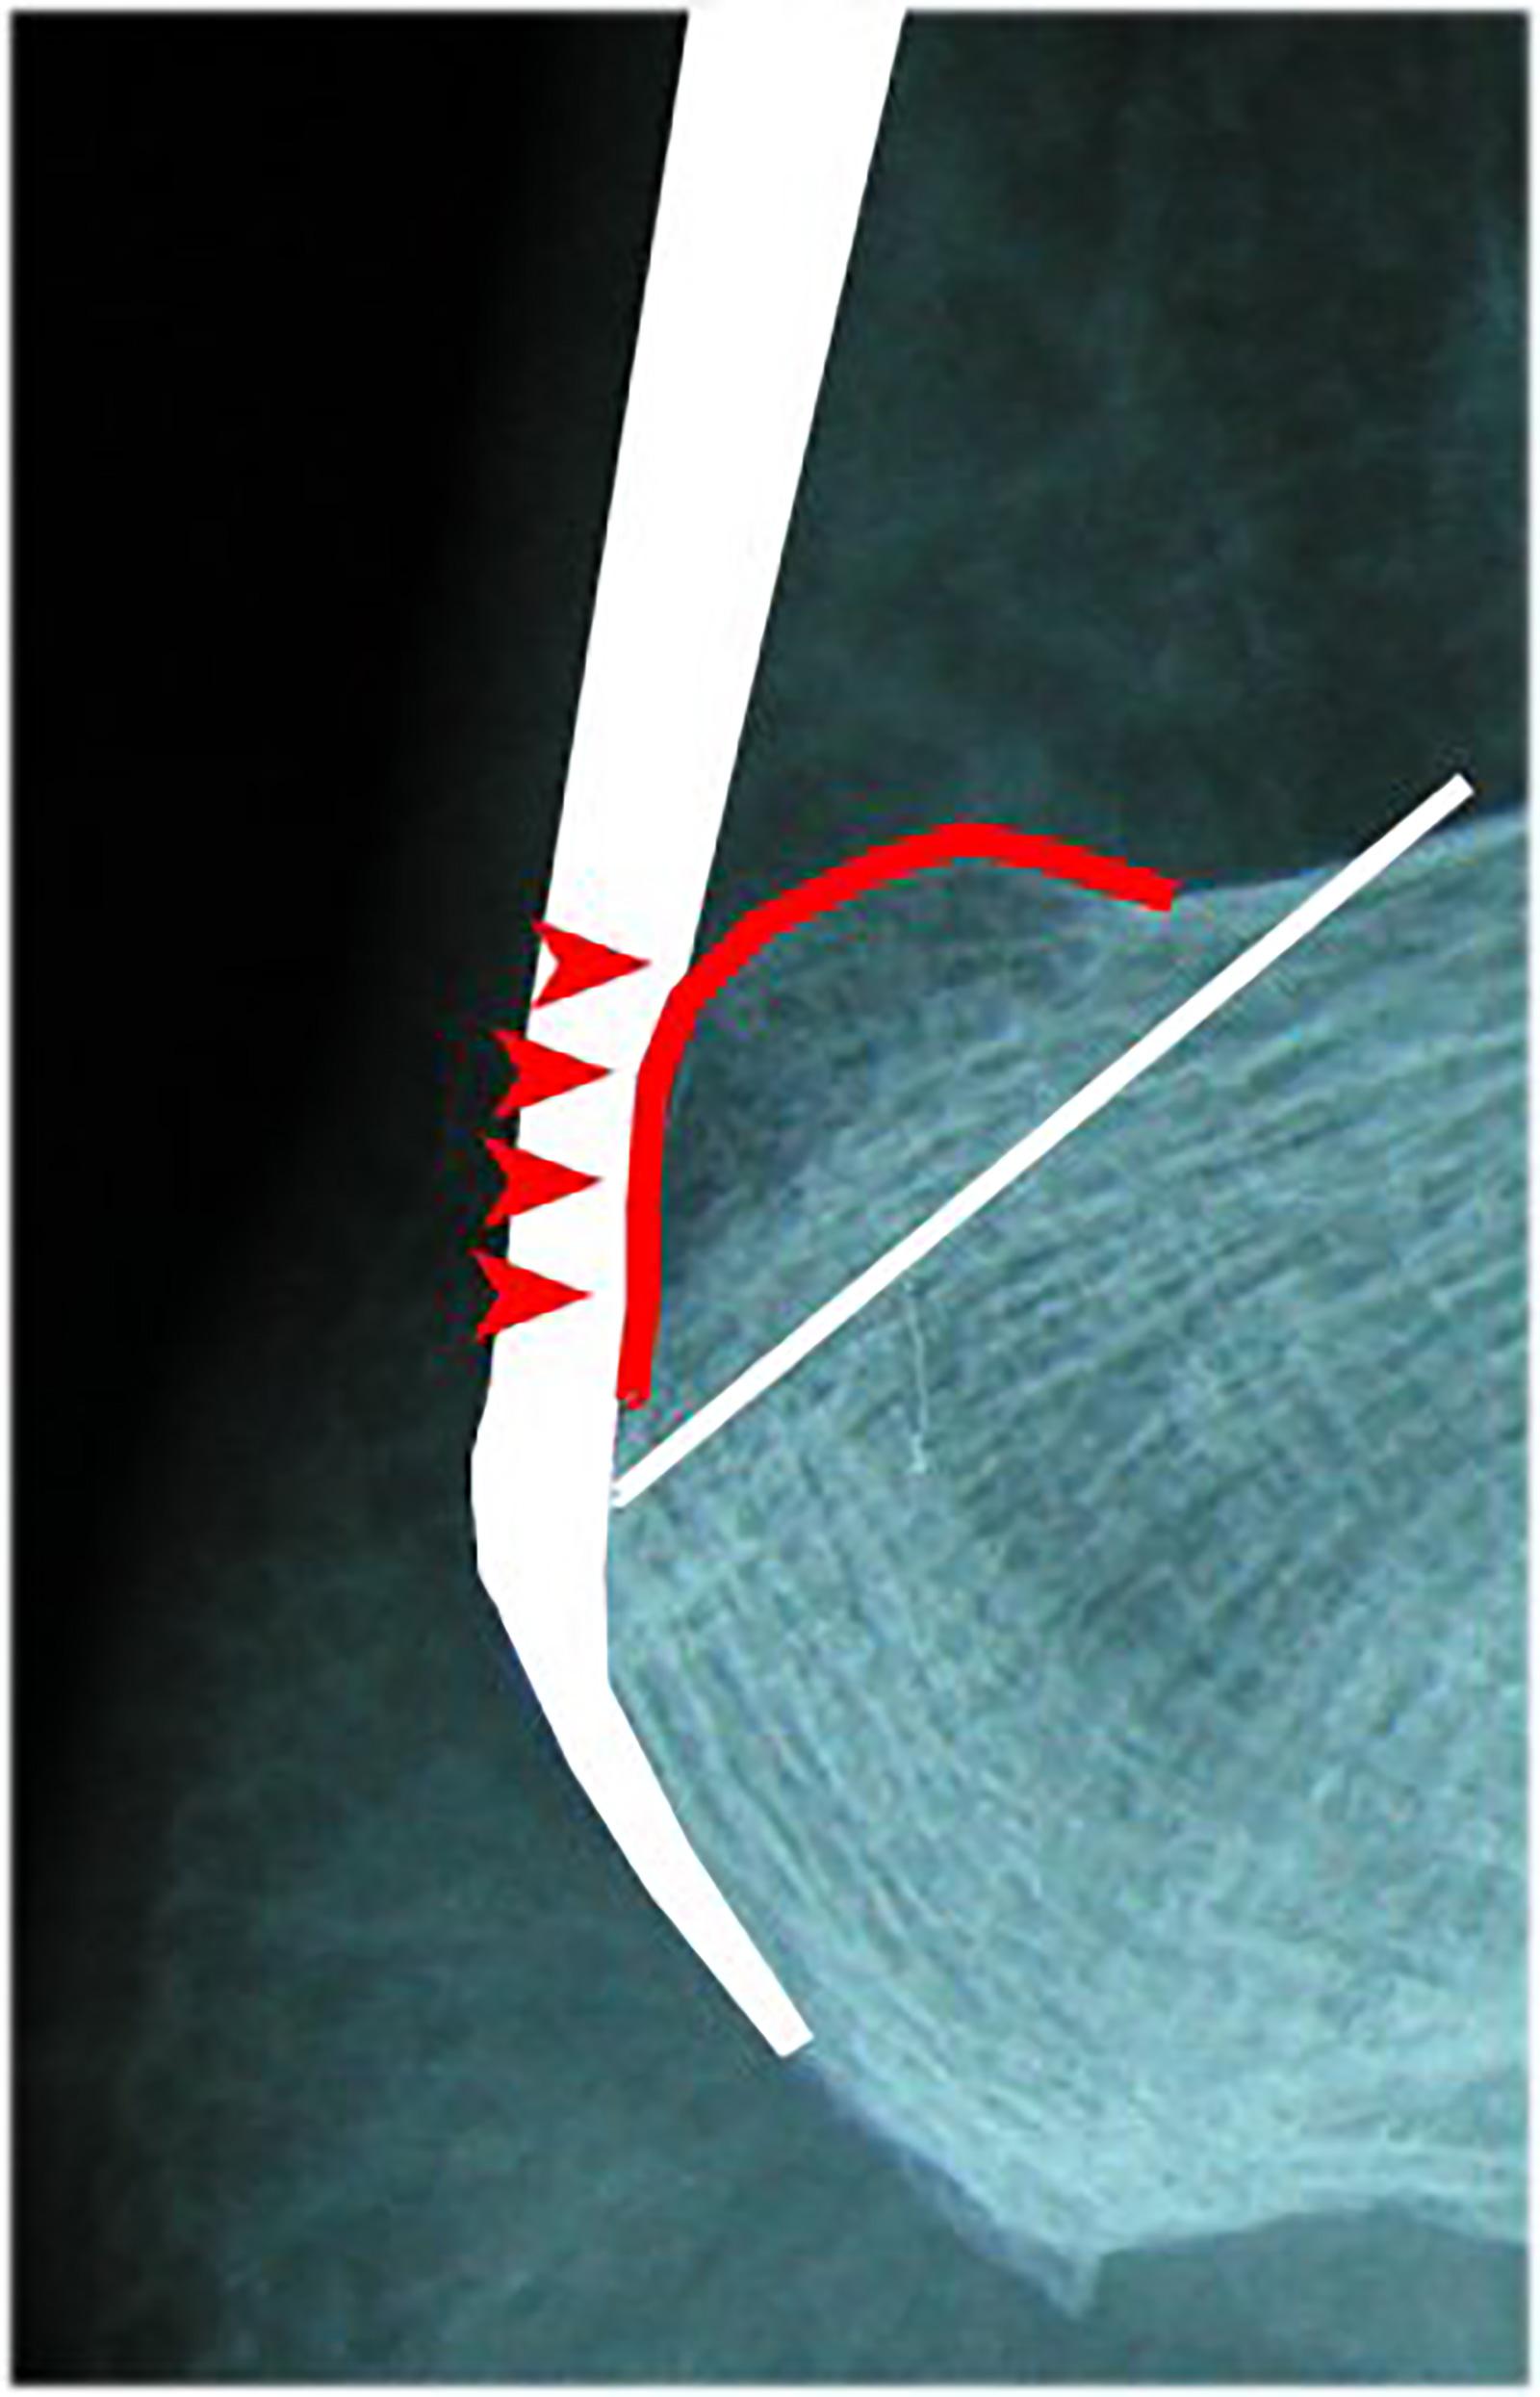 Abb. 2-70: Patient mit einer Bursitis tendinis calcanei. Operation mit Entfernung der Bursa und Abtragung des prominenten Calcaneus (weiss: Achillessehne)